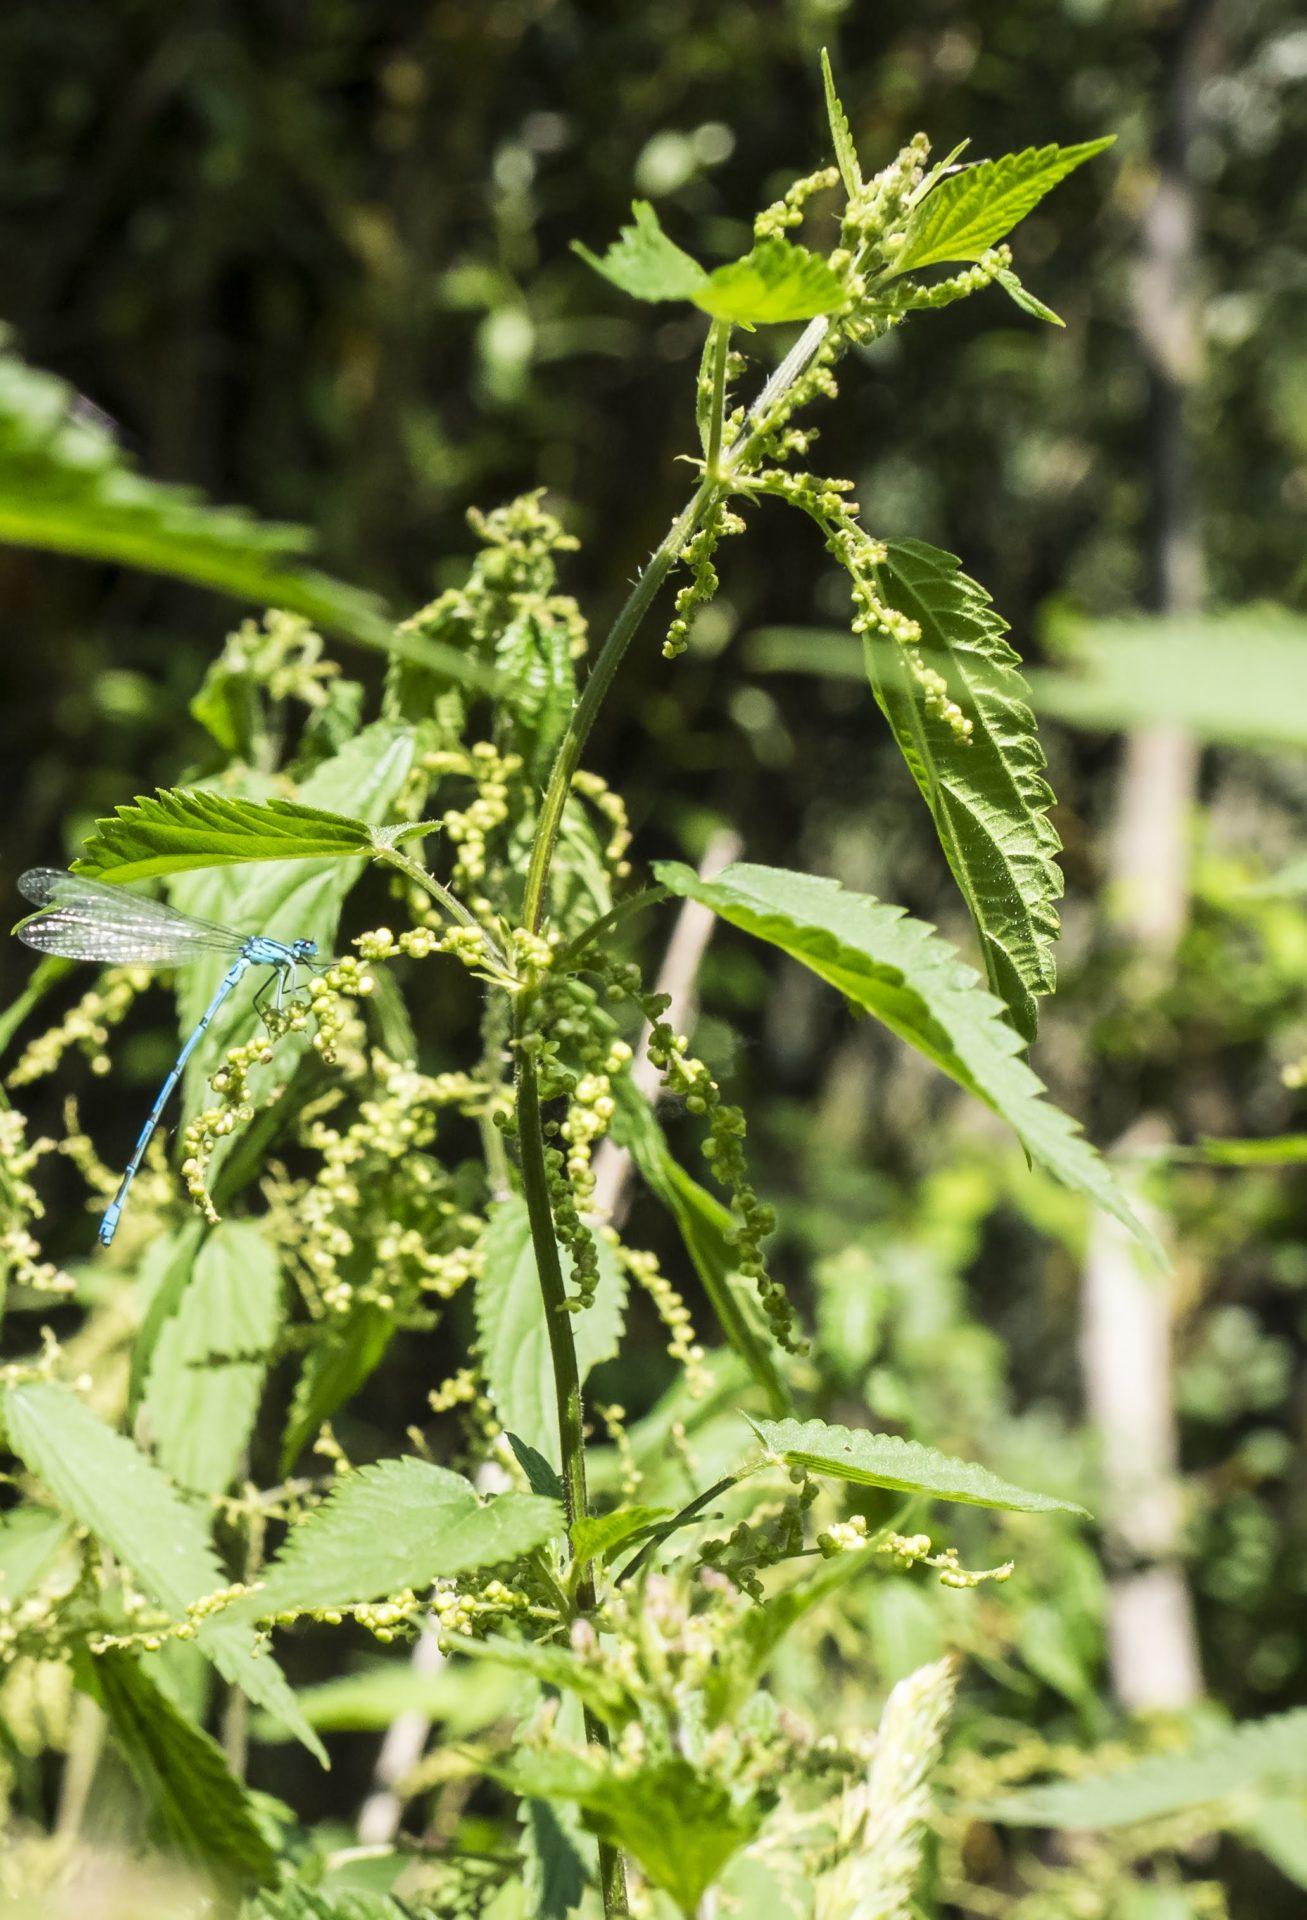 La damigella Coenagrion puella, Libellula azzurrina [foto di Giampaolo Filippucci & Tiziana Ravagli]